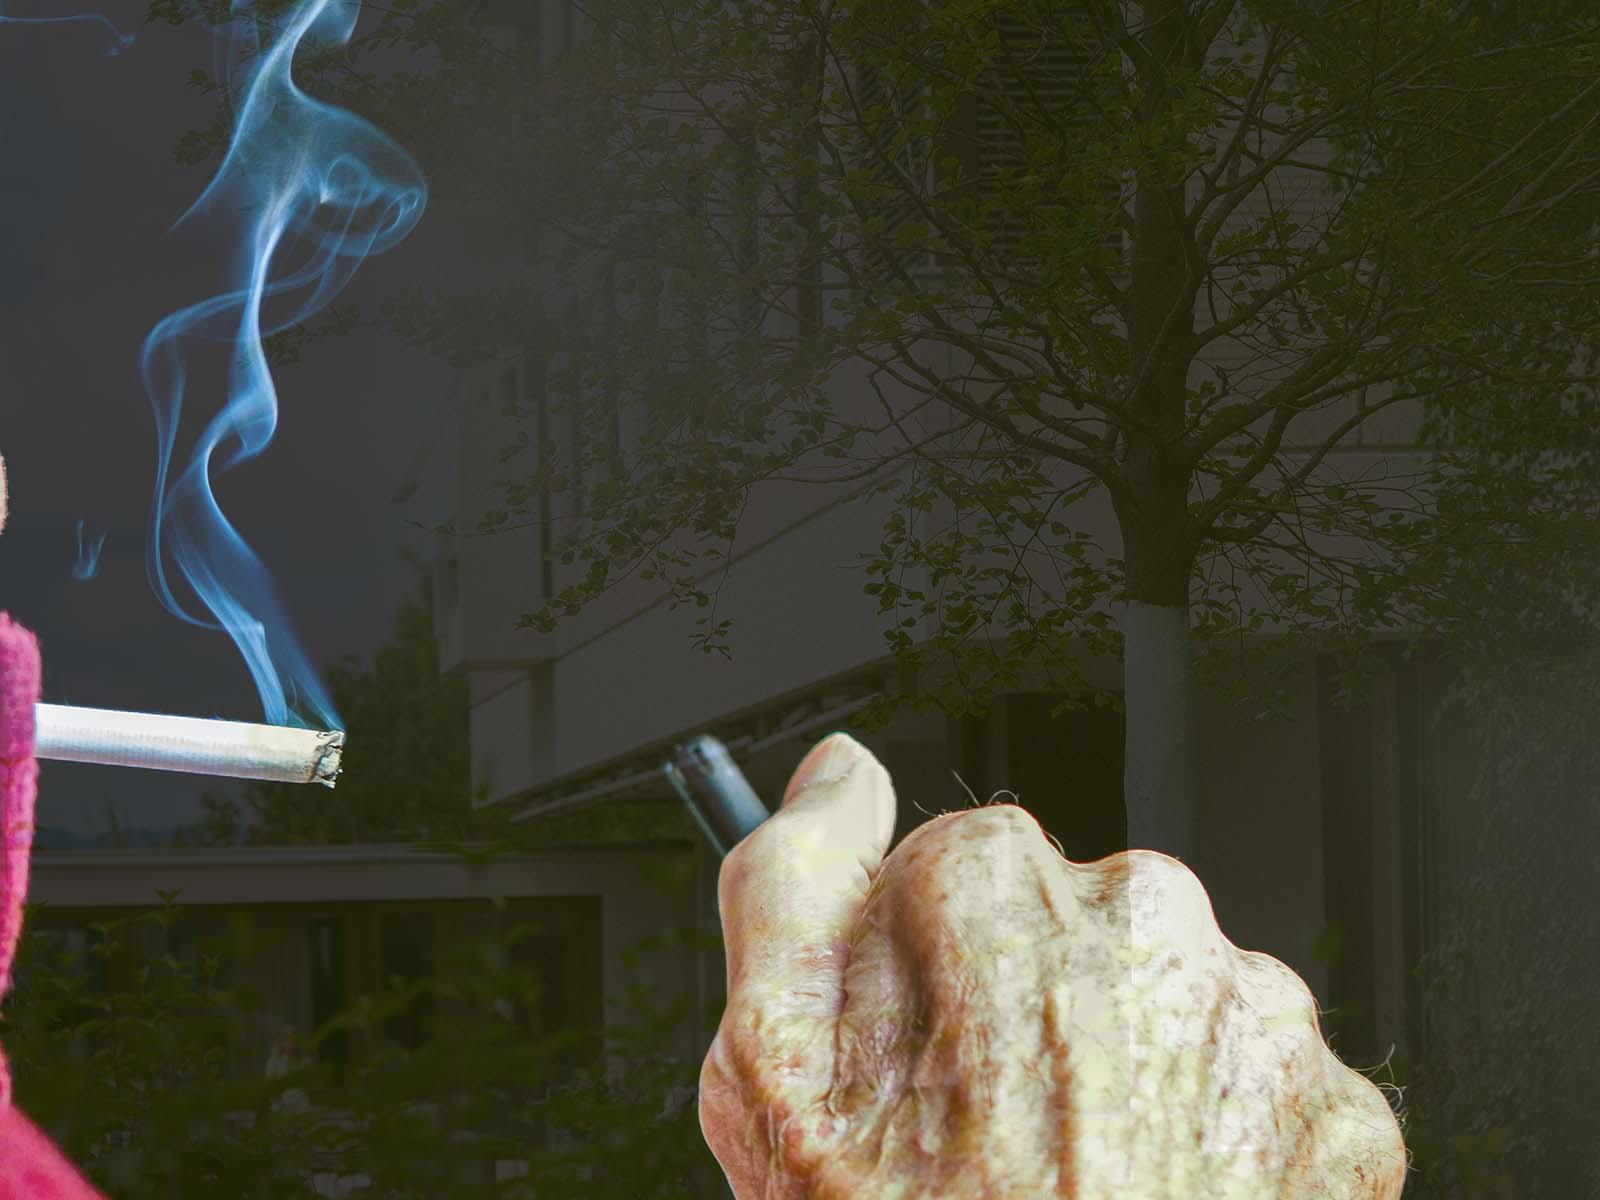 Eine Zigarette am Lebensende noch selbst anzünden.